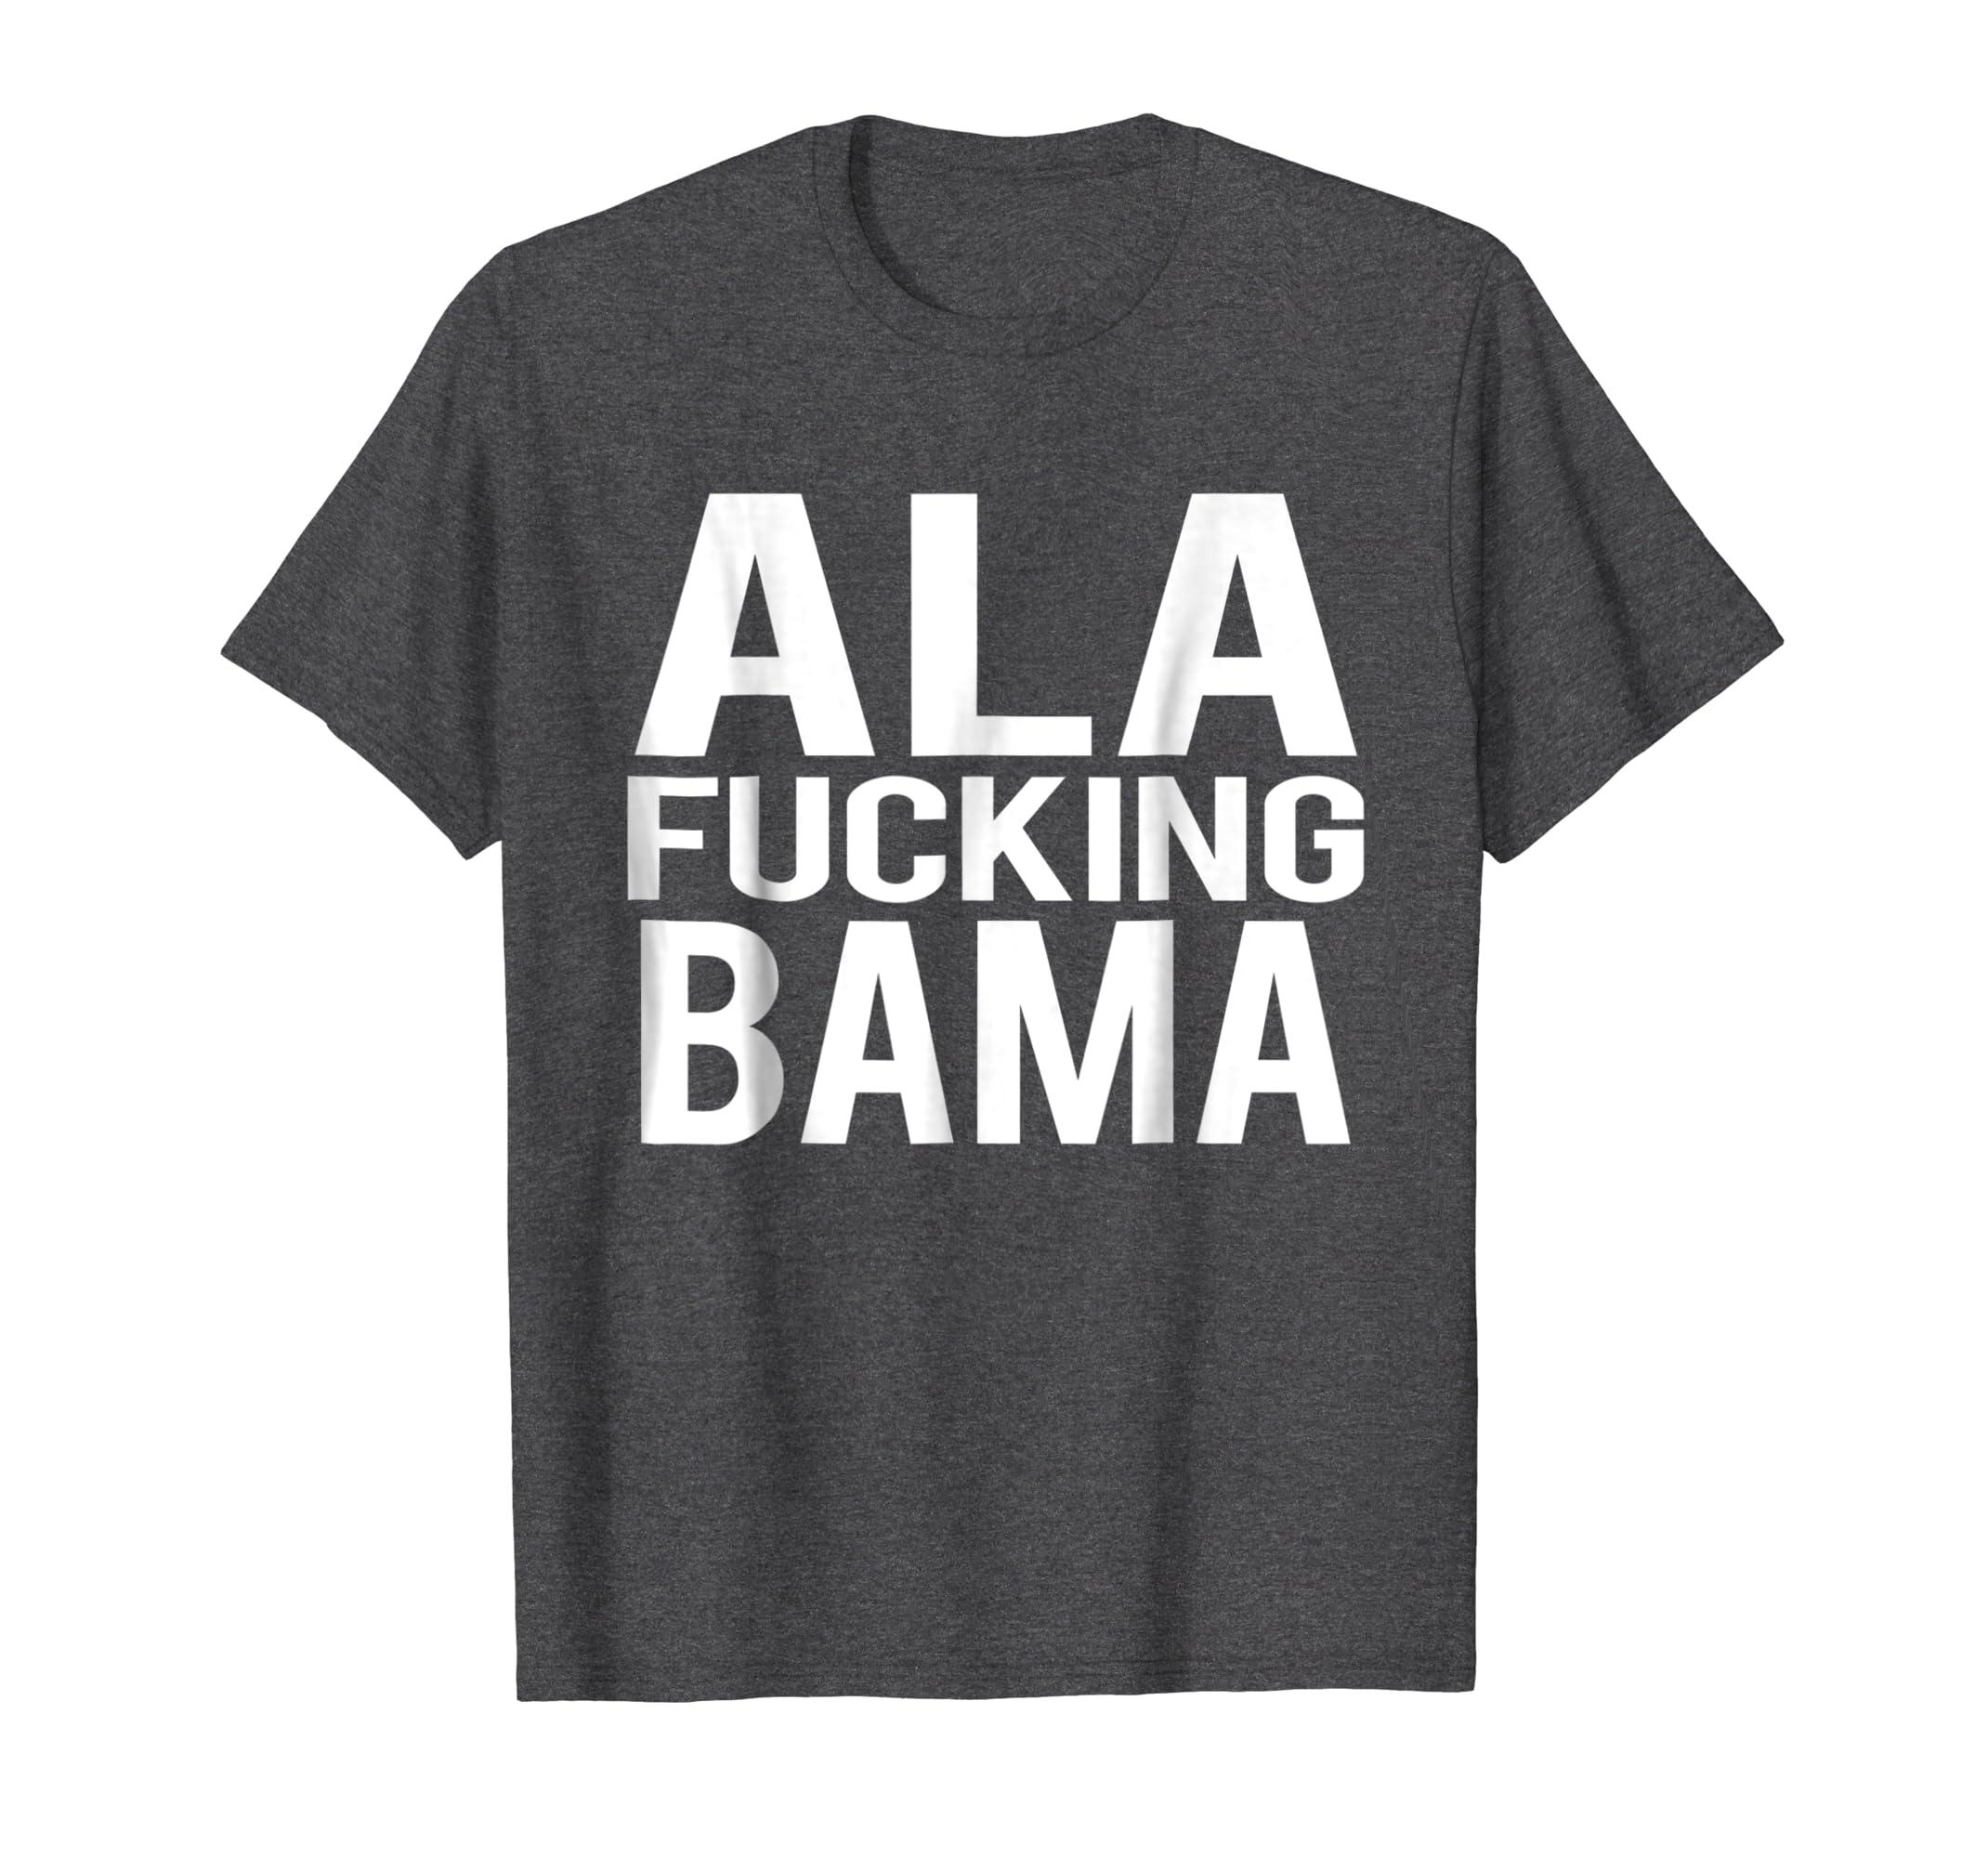 2fe2cf62 Amazon.com: Ala Fucking Bama Funny State Of Alabama T-Shirt: Clothing